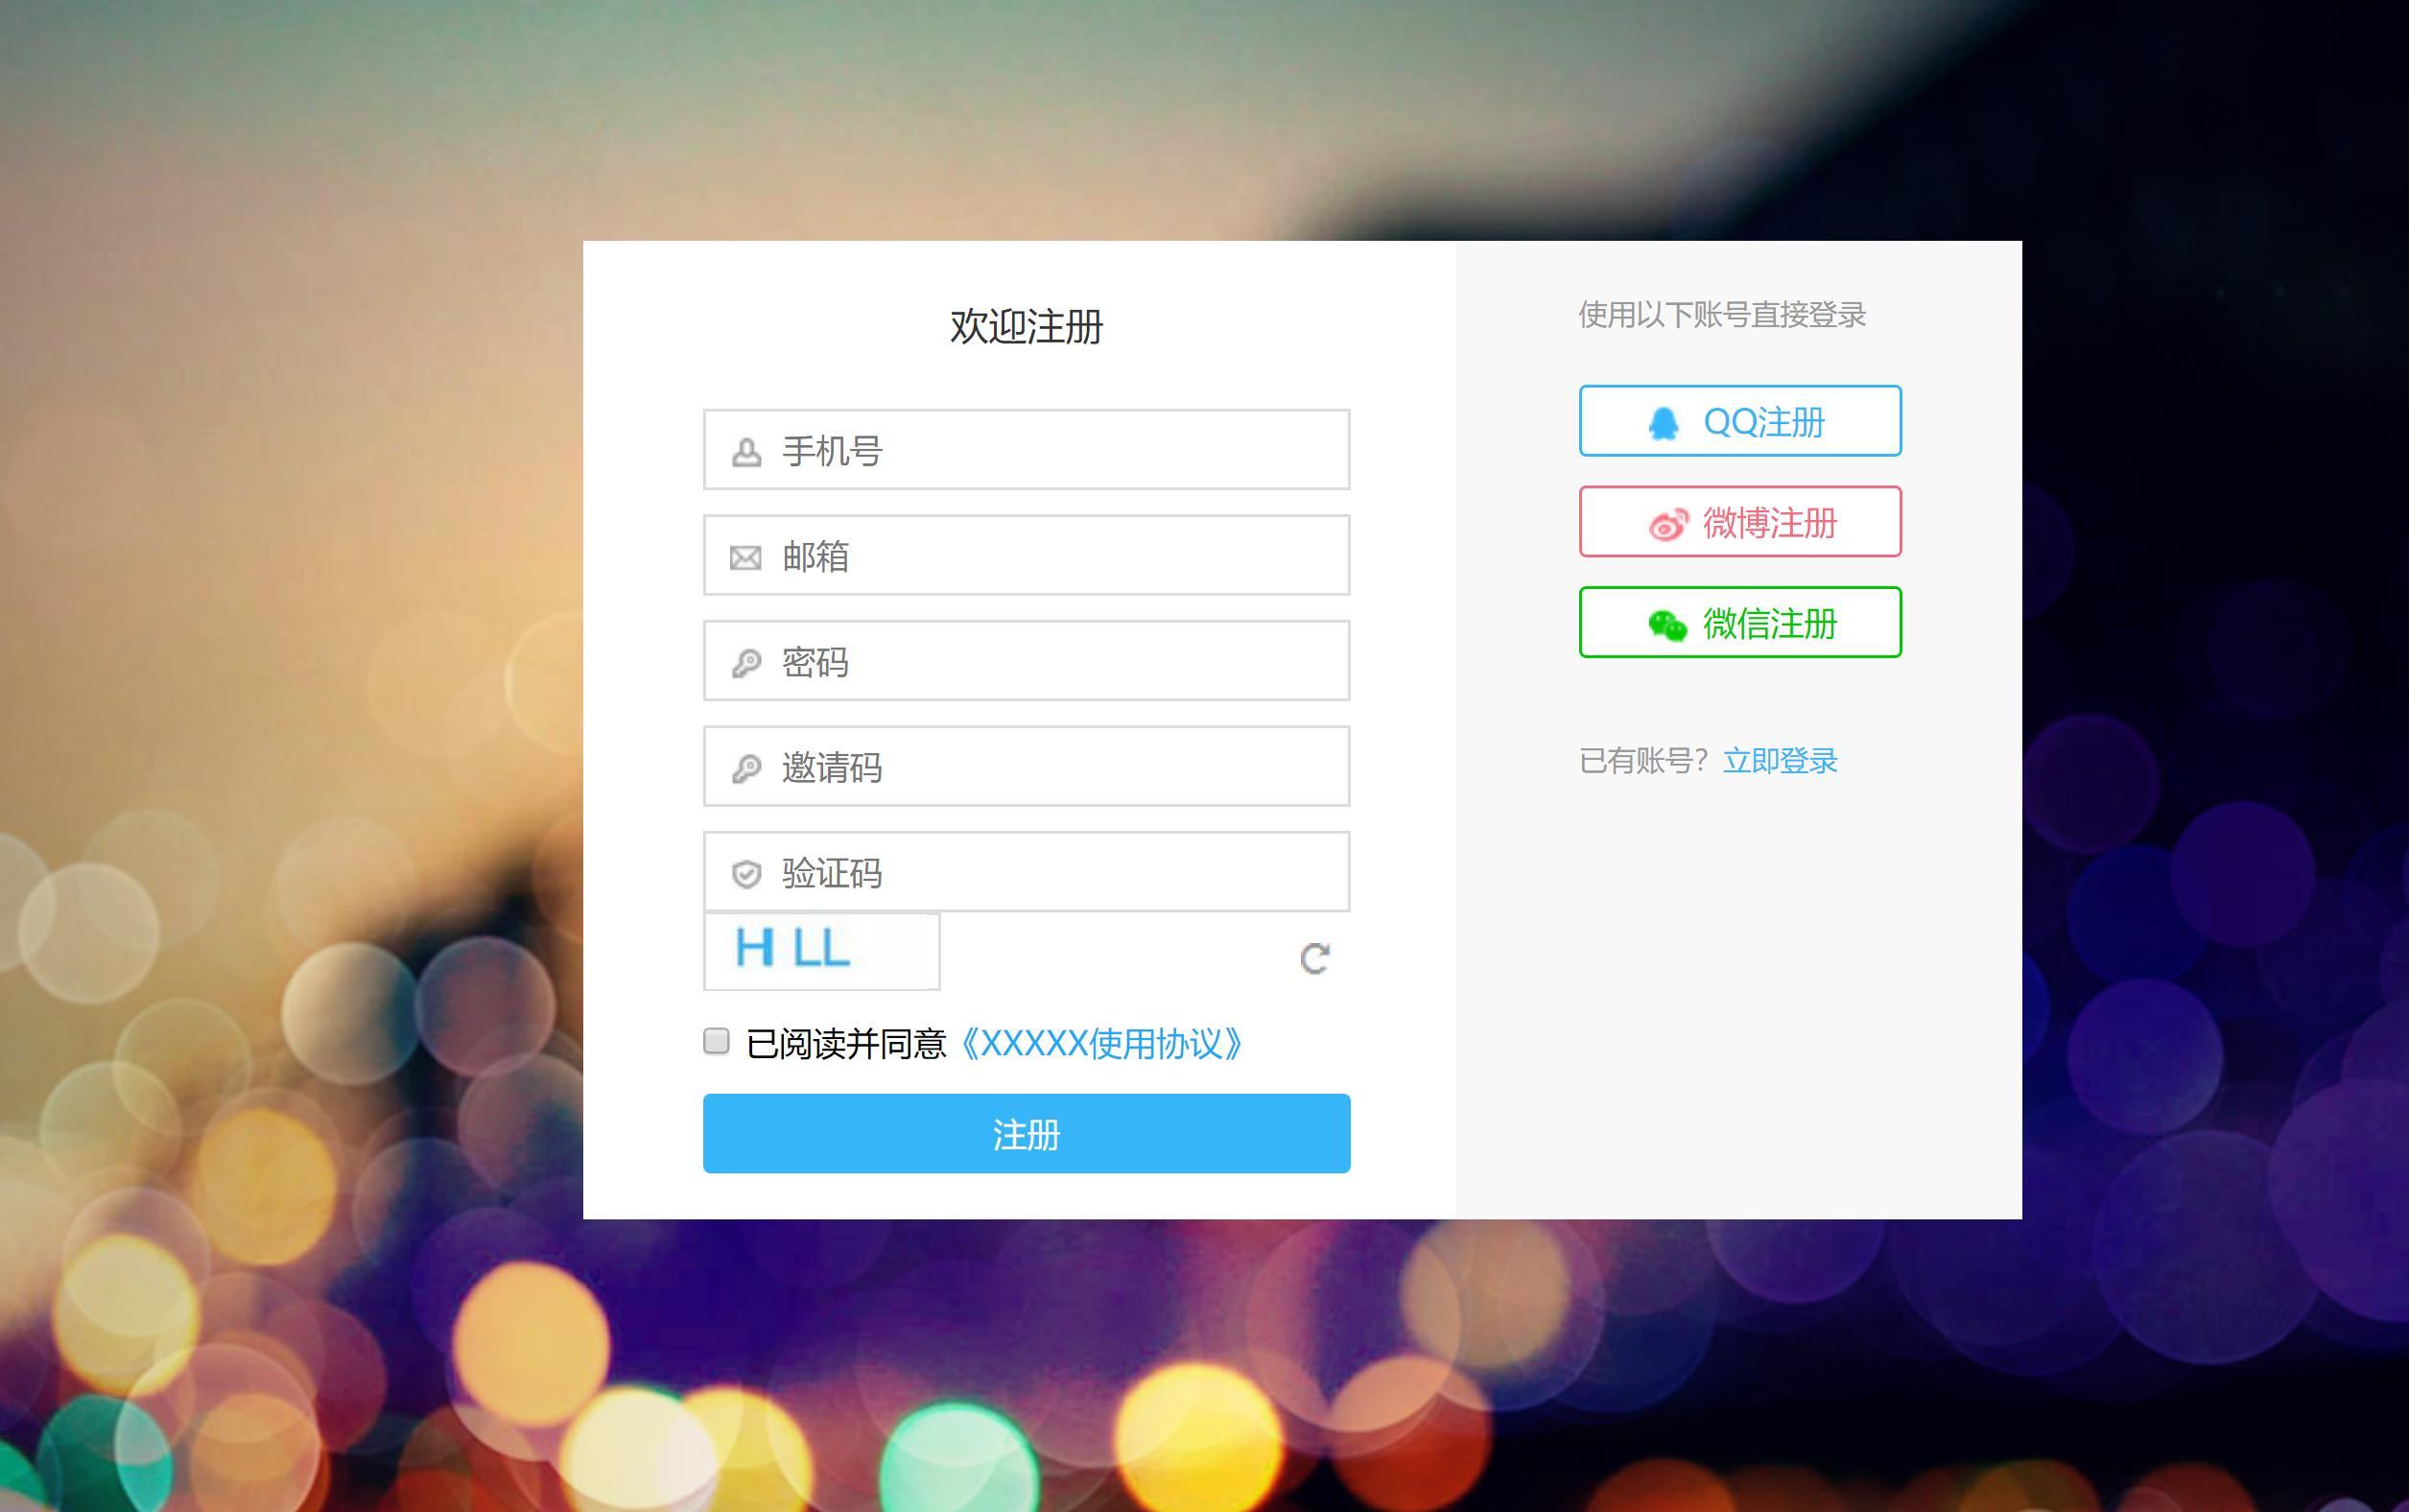 一个漂亮大气注册登录UI页面模板 调用QQ、微博、微信等第三方登录按钮